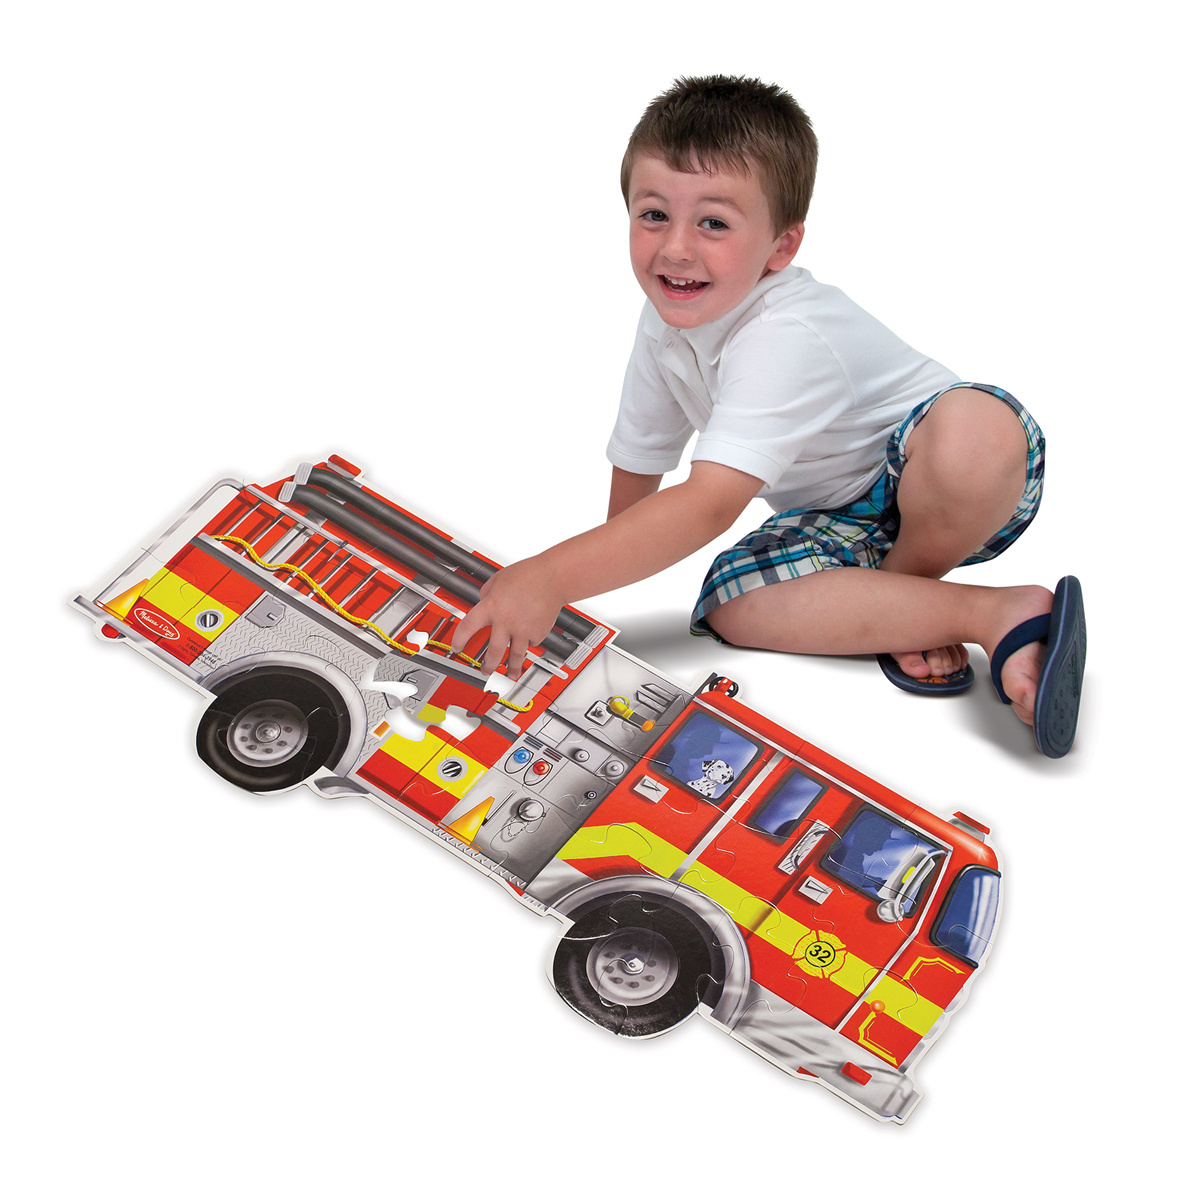 Напольный пазл - Пожарная машина, 24 элементаКоврики-пазлы<br>Напольный пазл - Пожарная машина, 24 элемента<br>